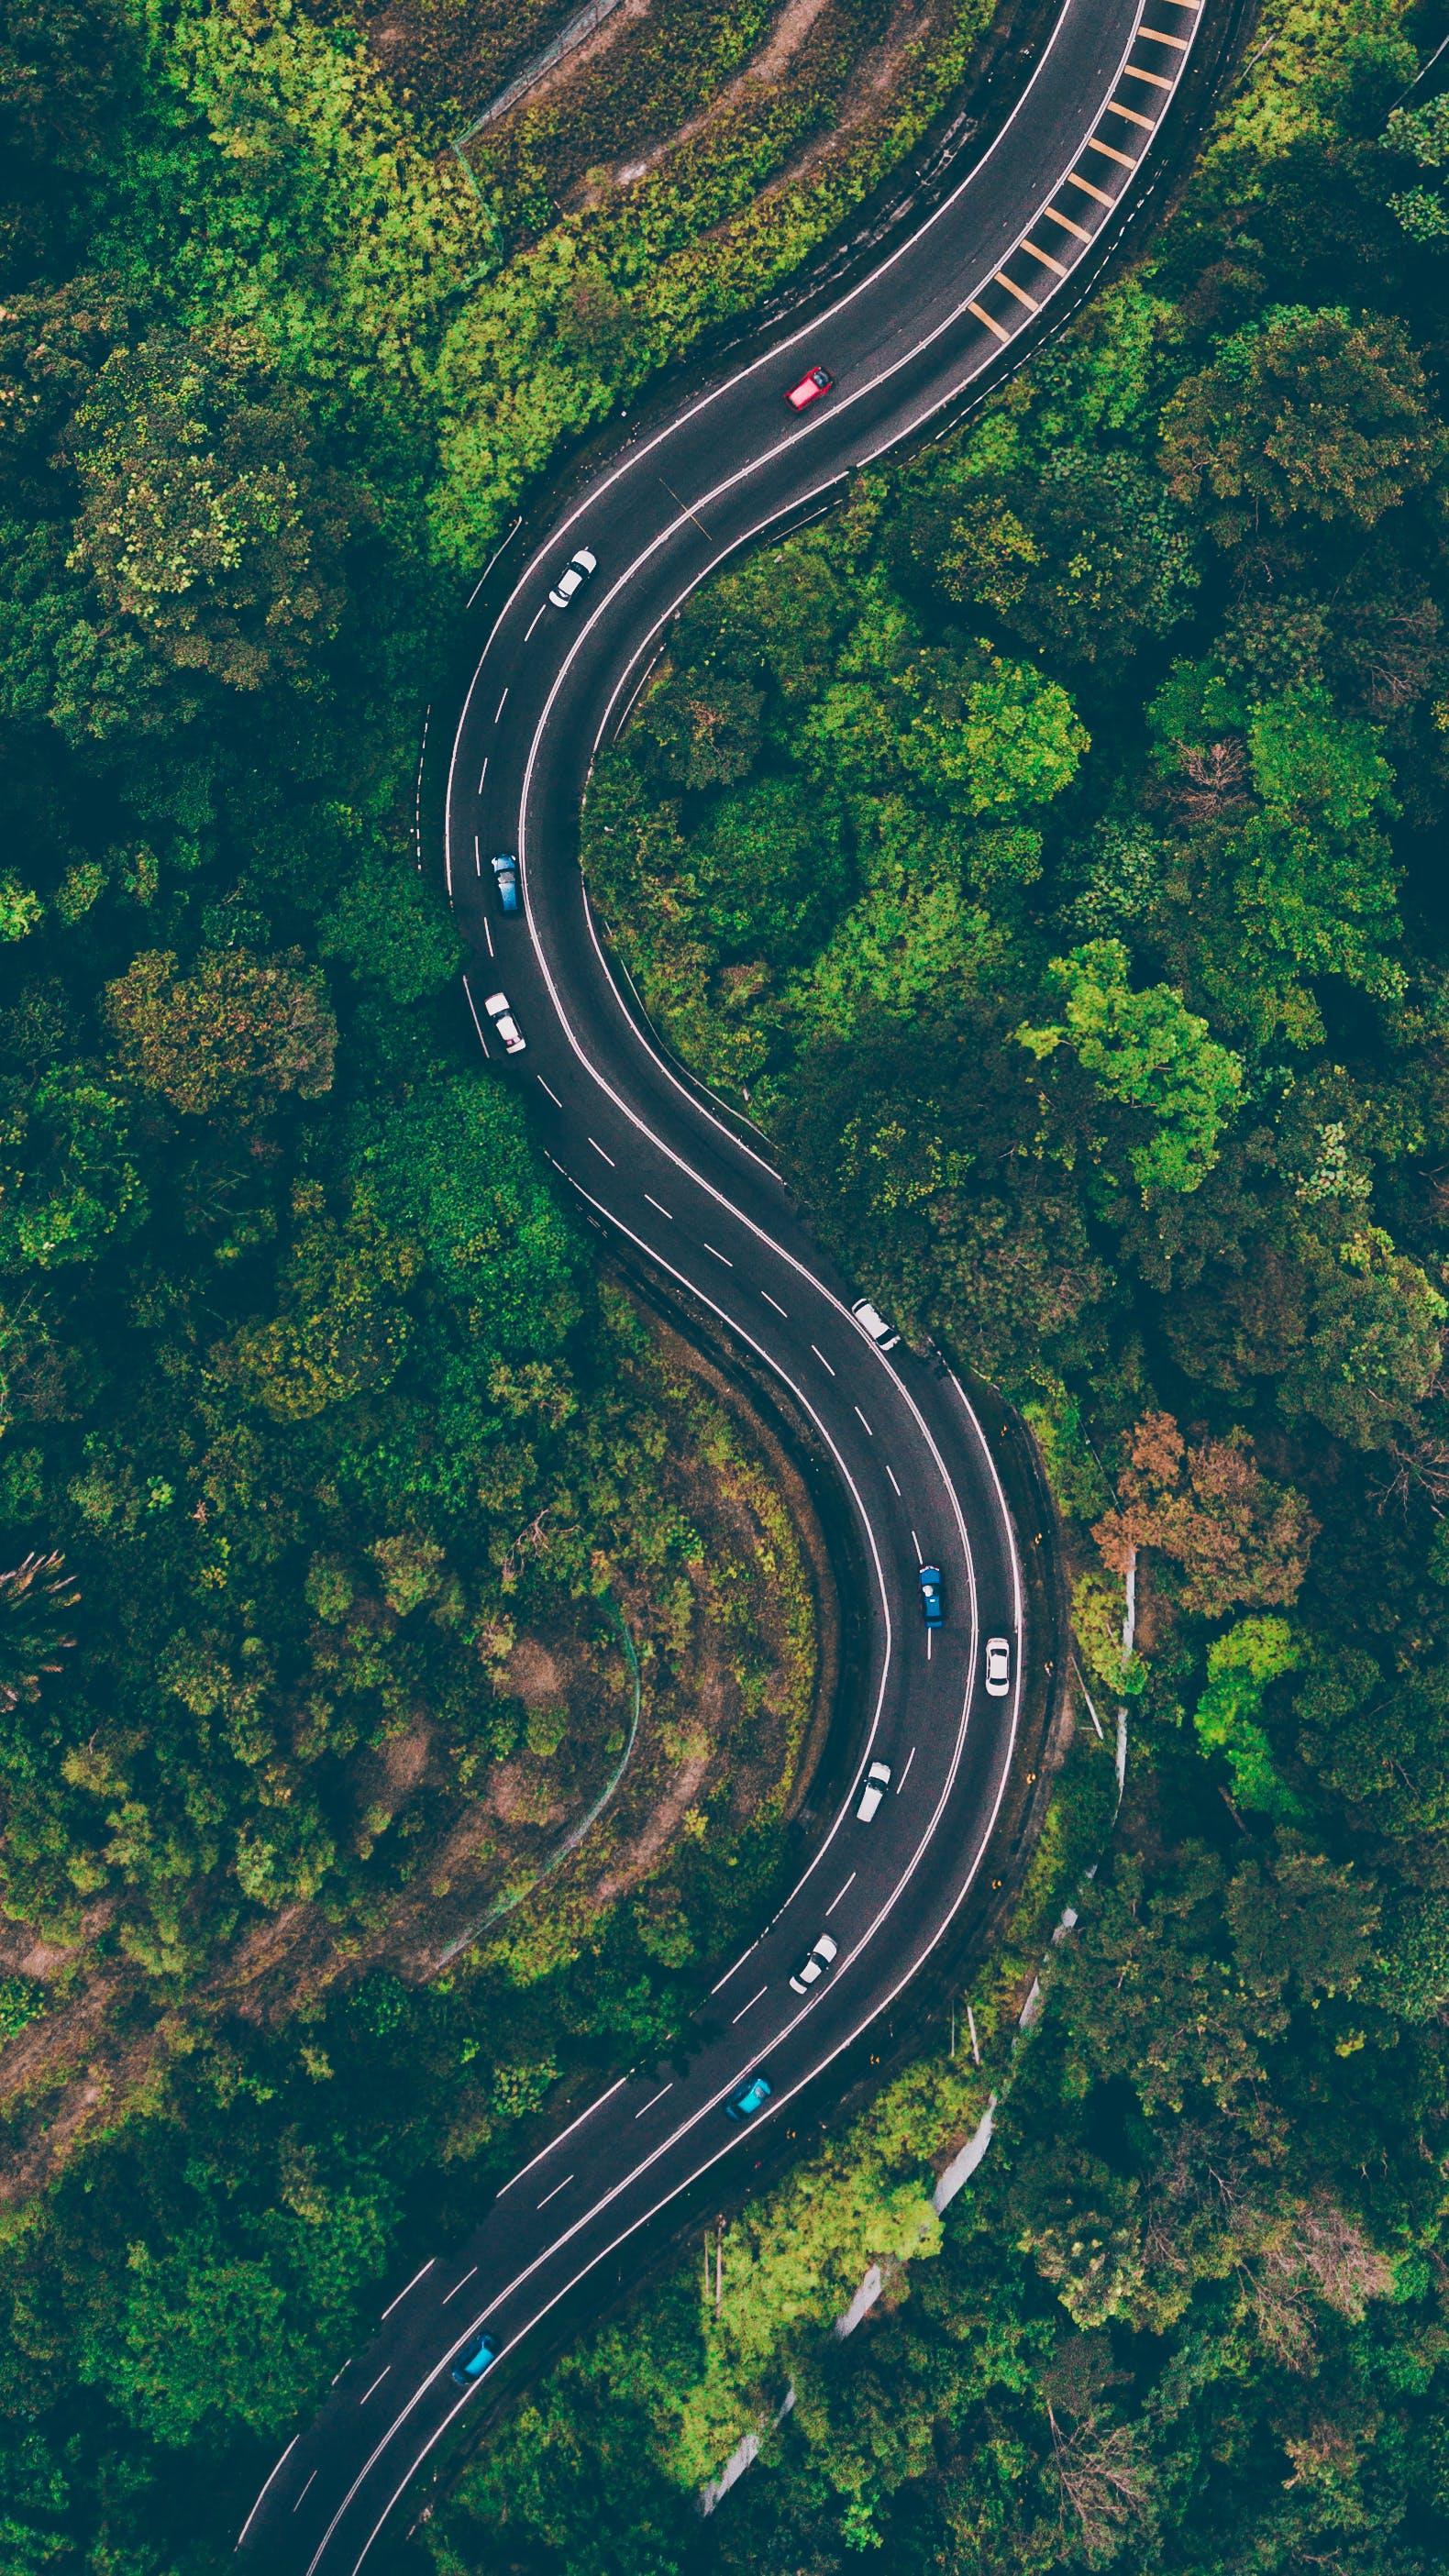 Foto profissional grátis de aéreo, aerofotografia, árvores, curva